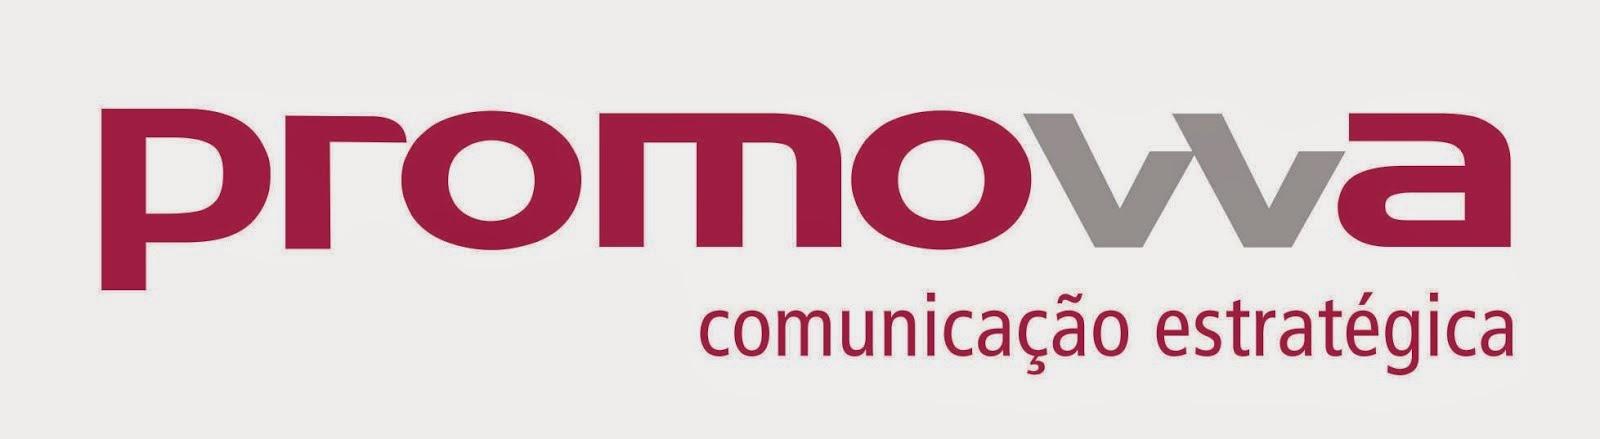 Promovva Comunicação Estratégica